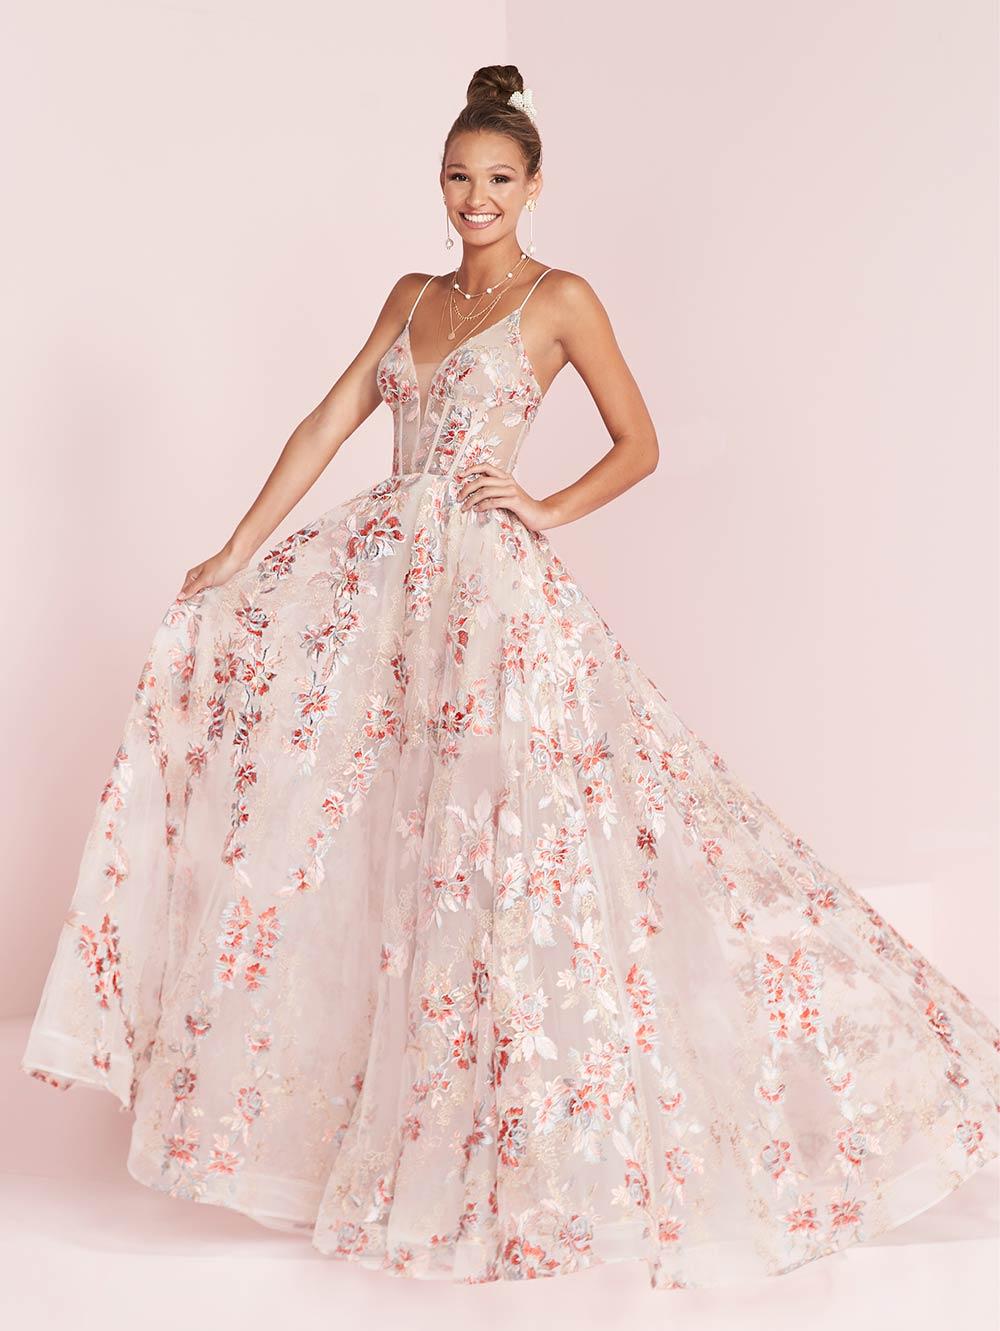 prom-dresses-jacquelin-bridals-canada-27576